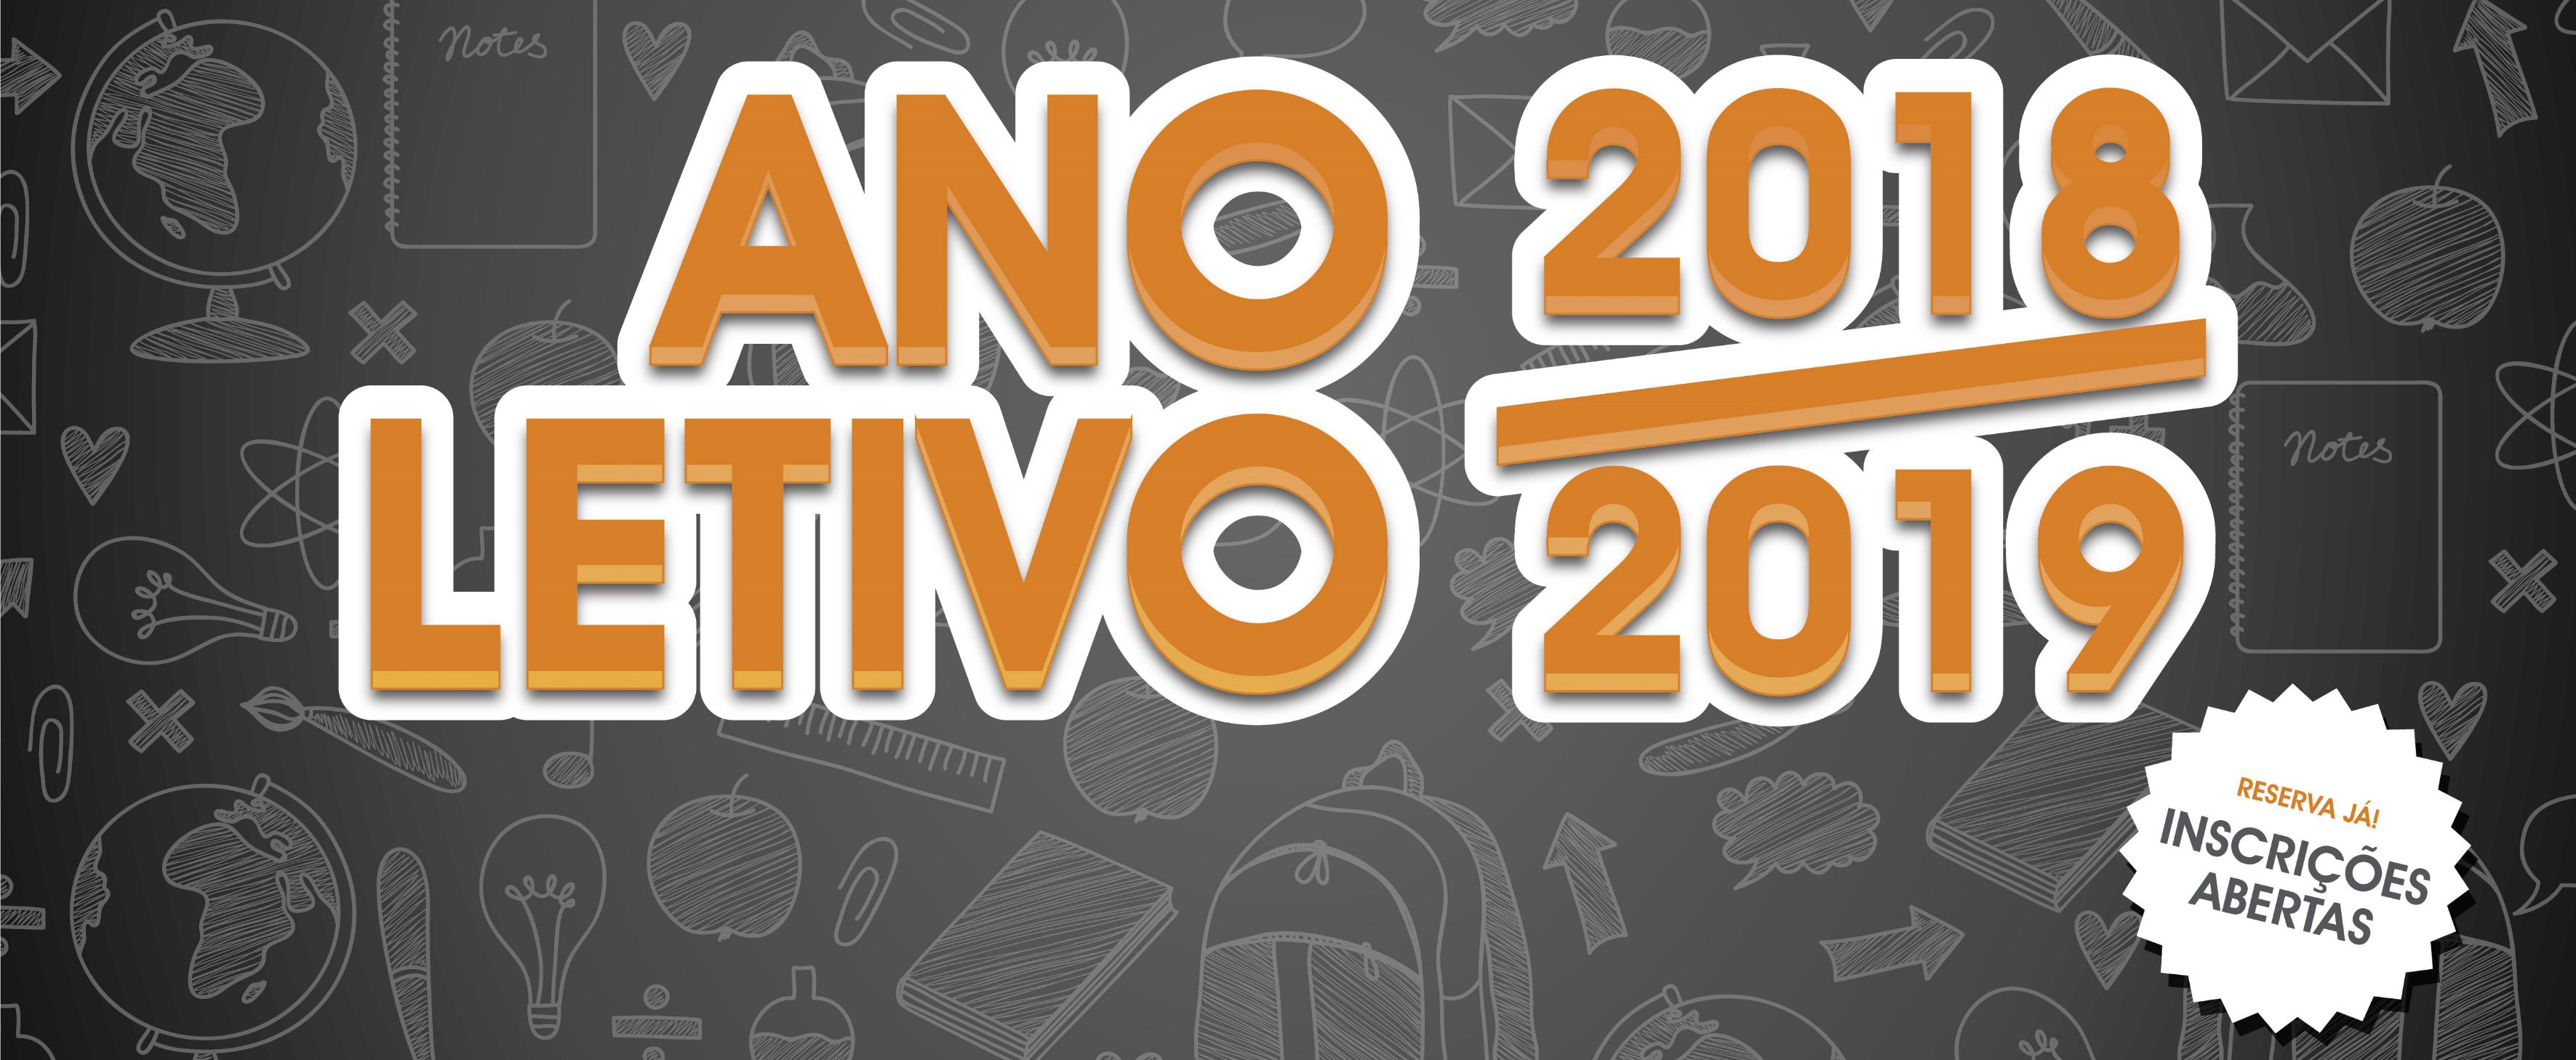 Inscrições Abertas Ano Letivo 2018/2019